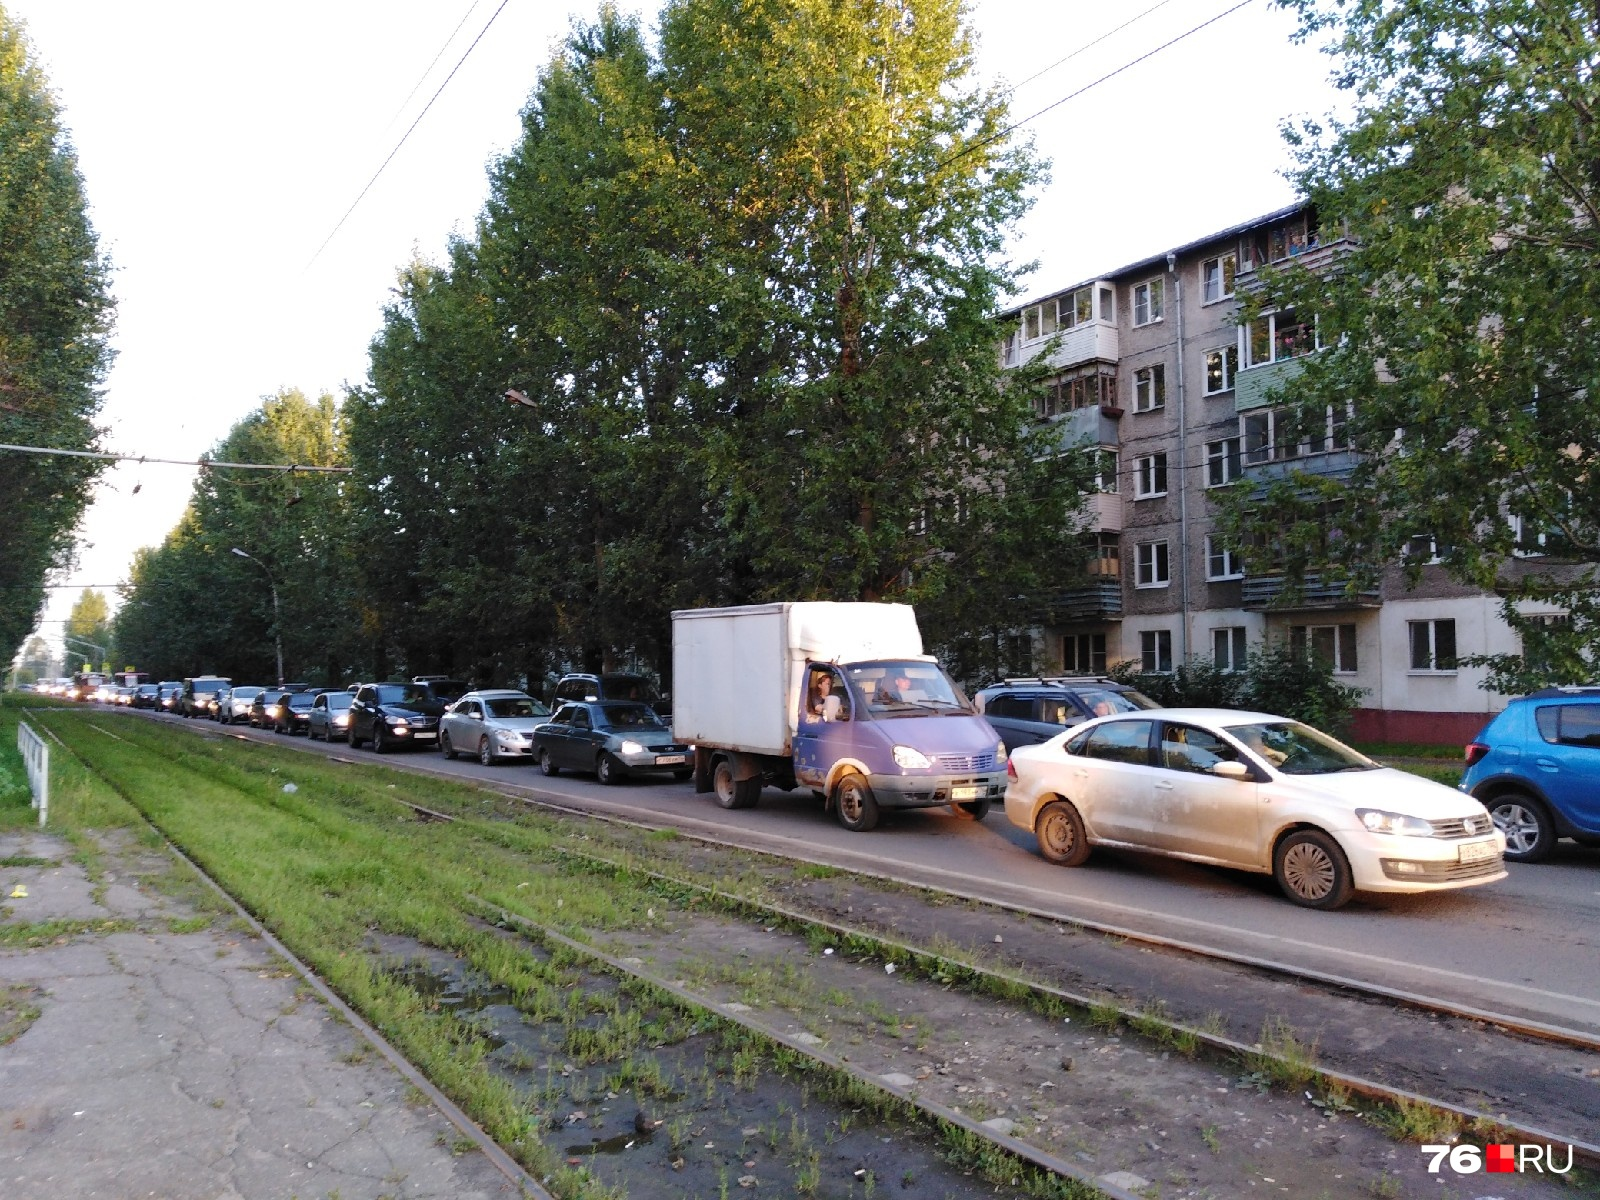 Улица Блюхера в районе ЖК «Октябрь» на данный момент